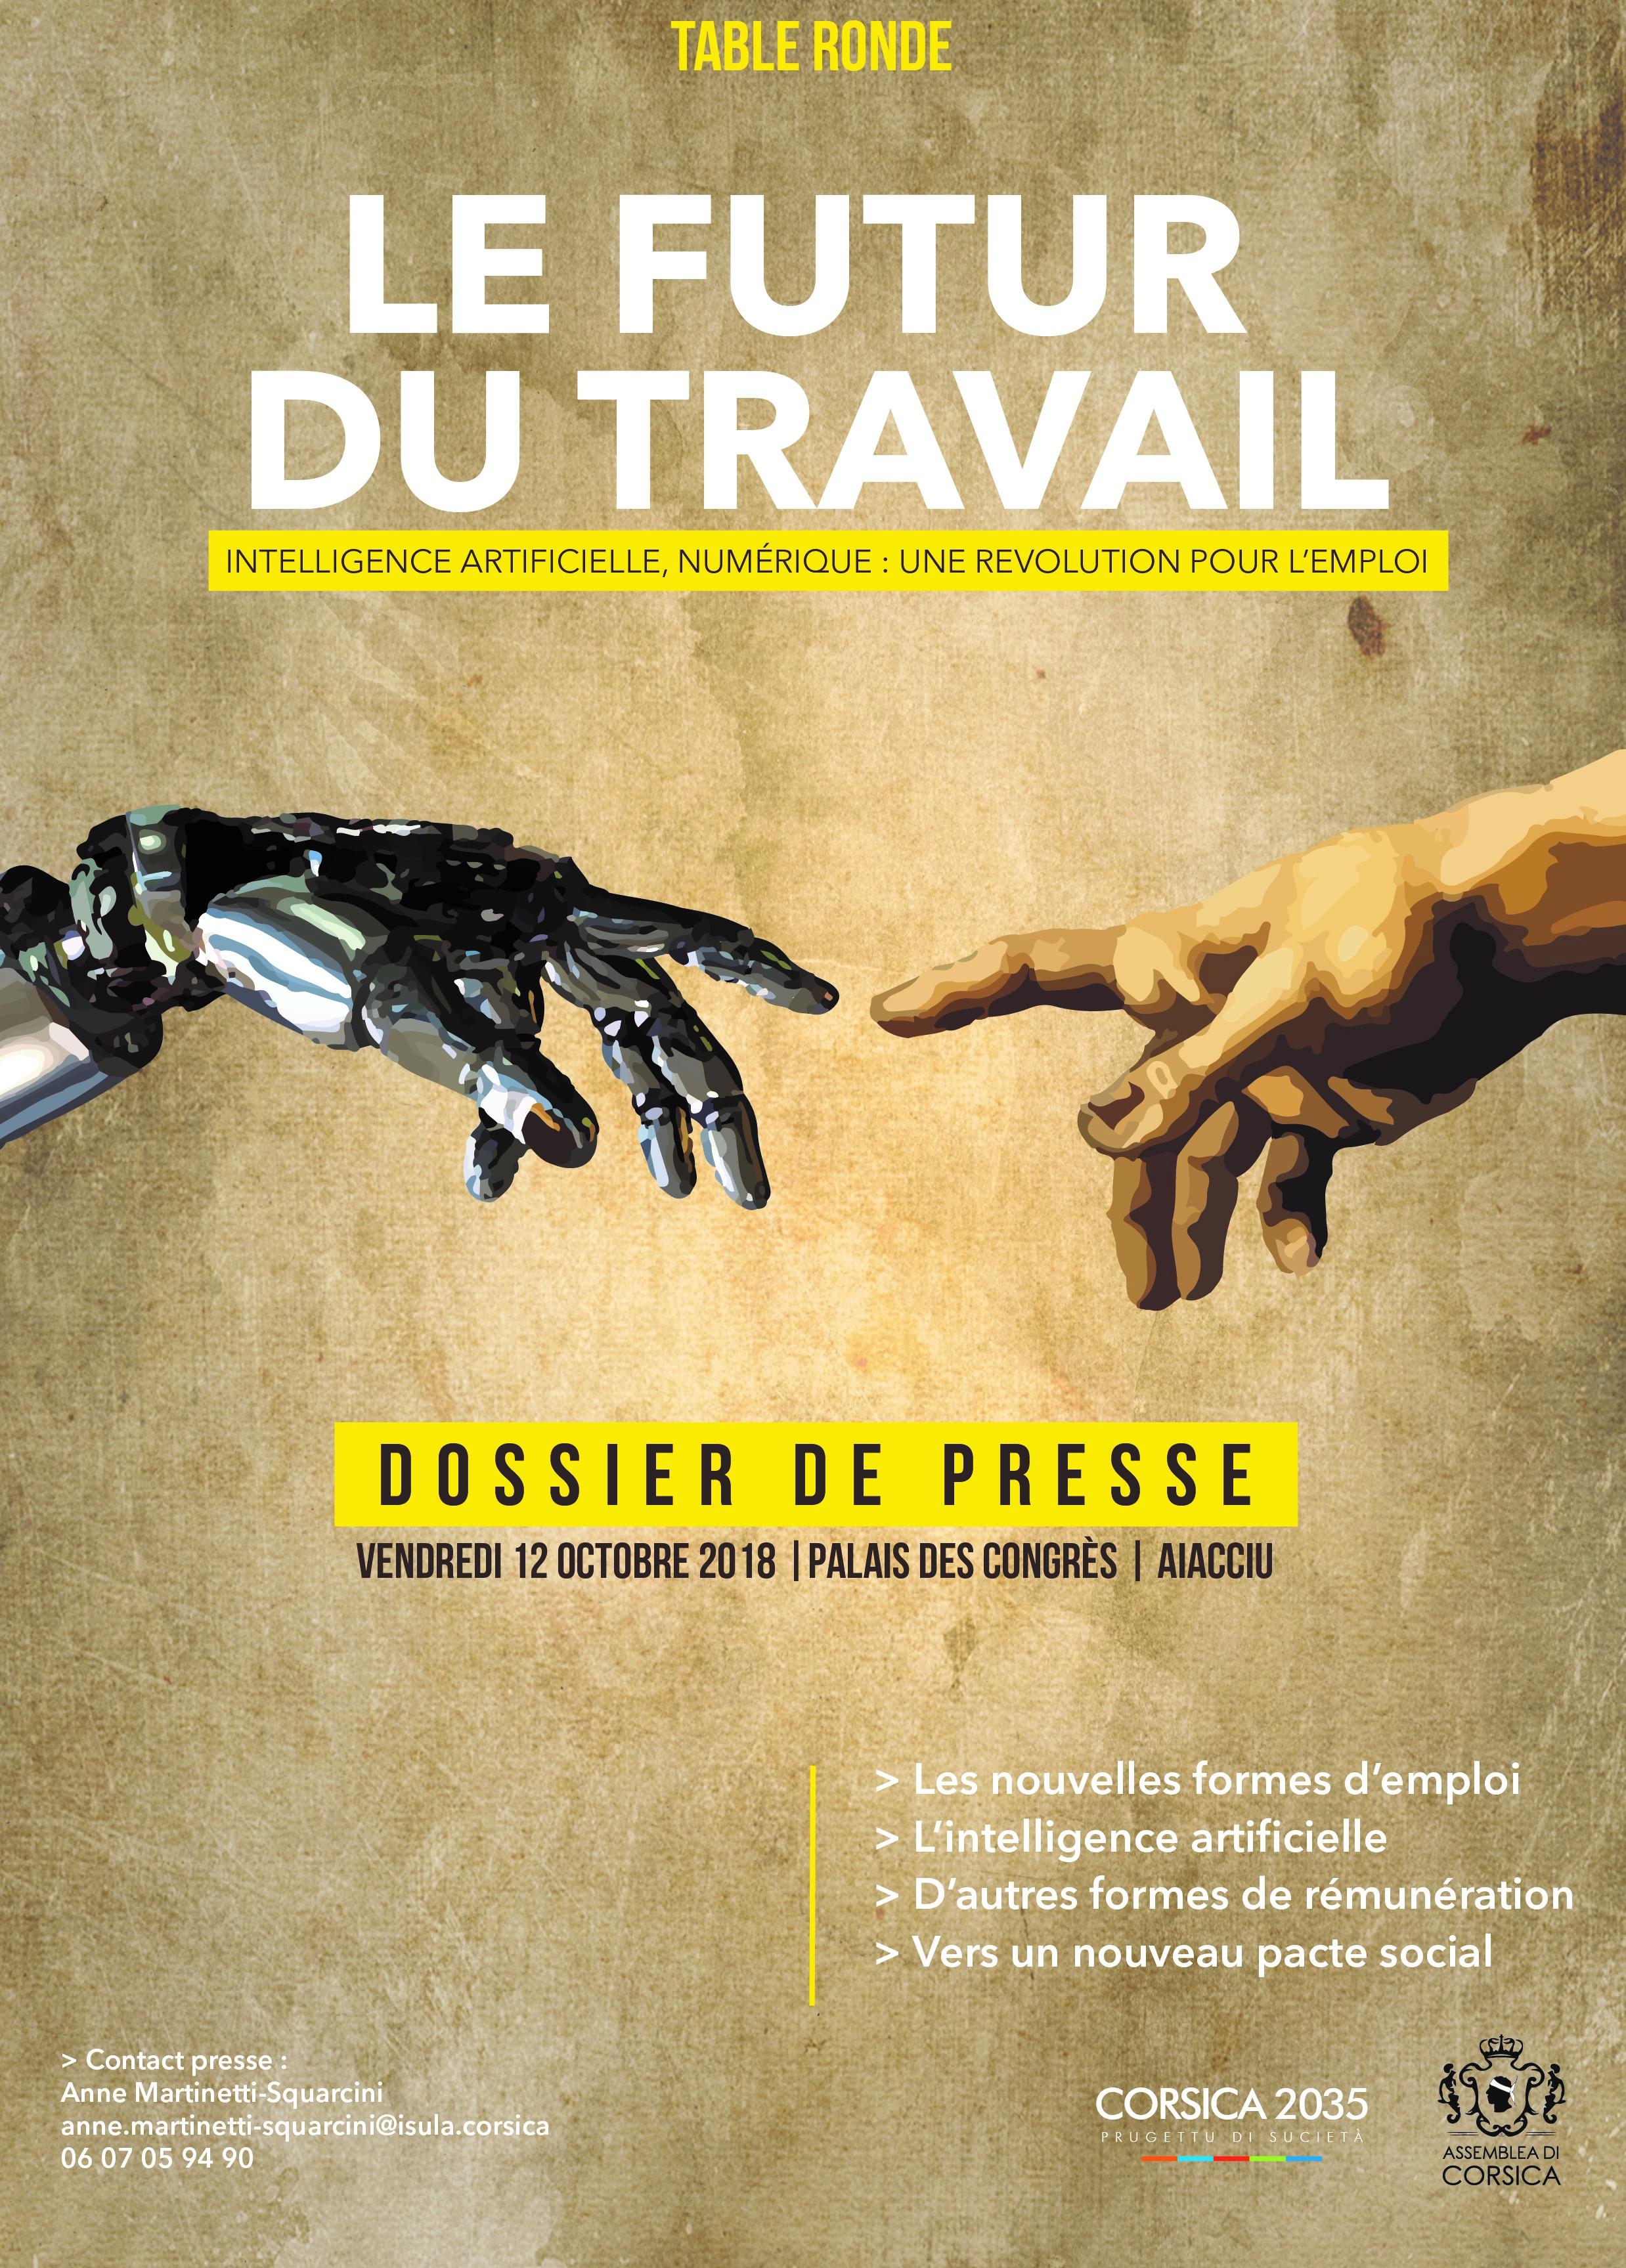 Dossier de presse - Le futur du travail